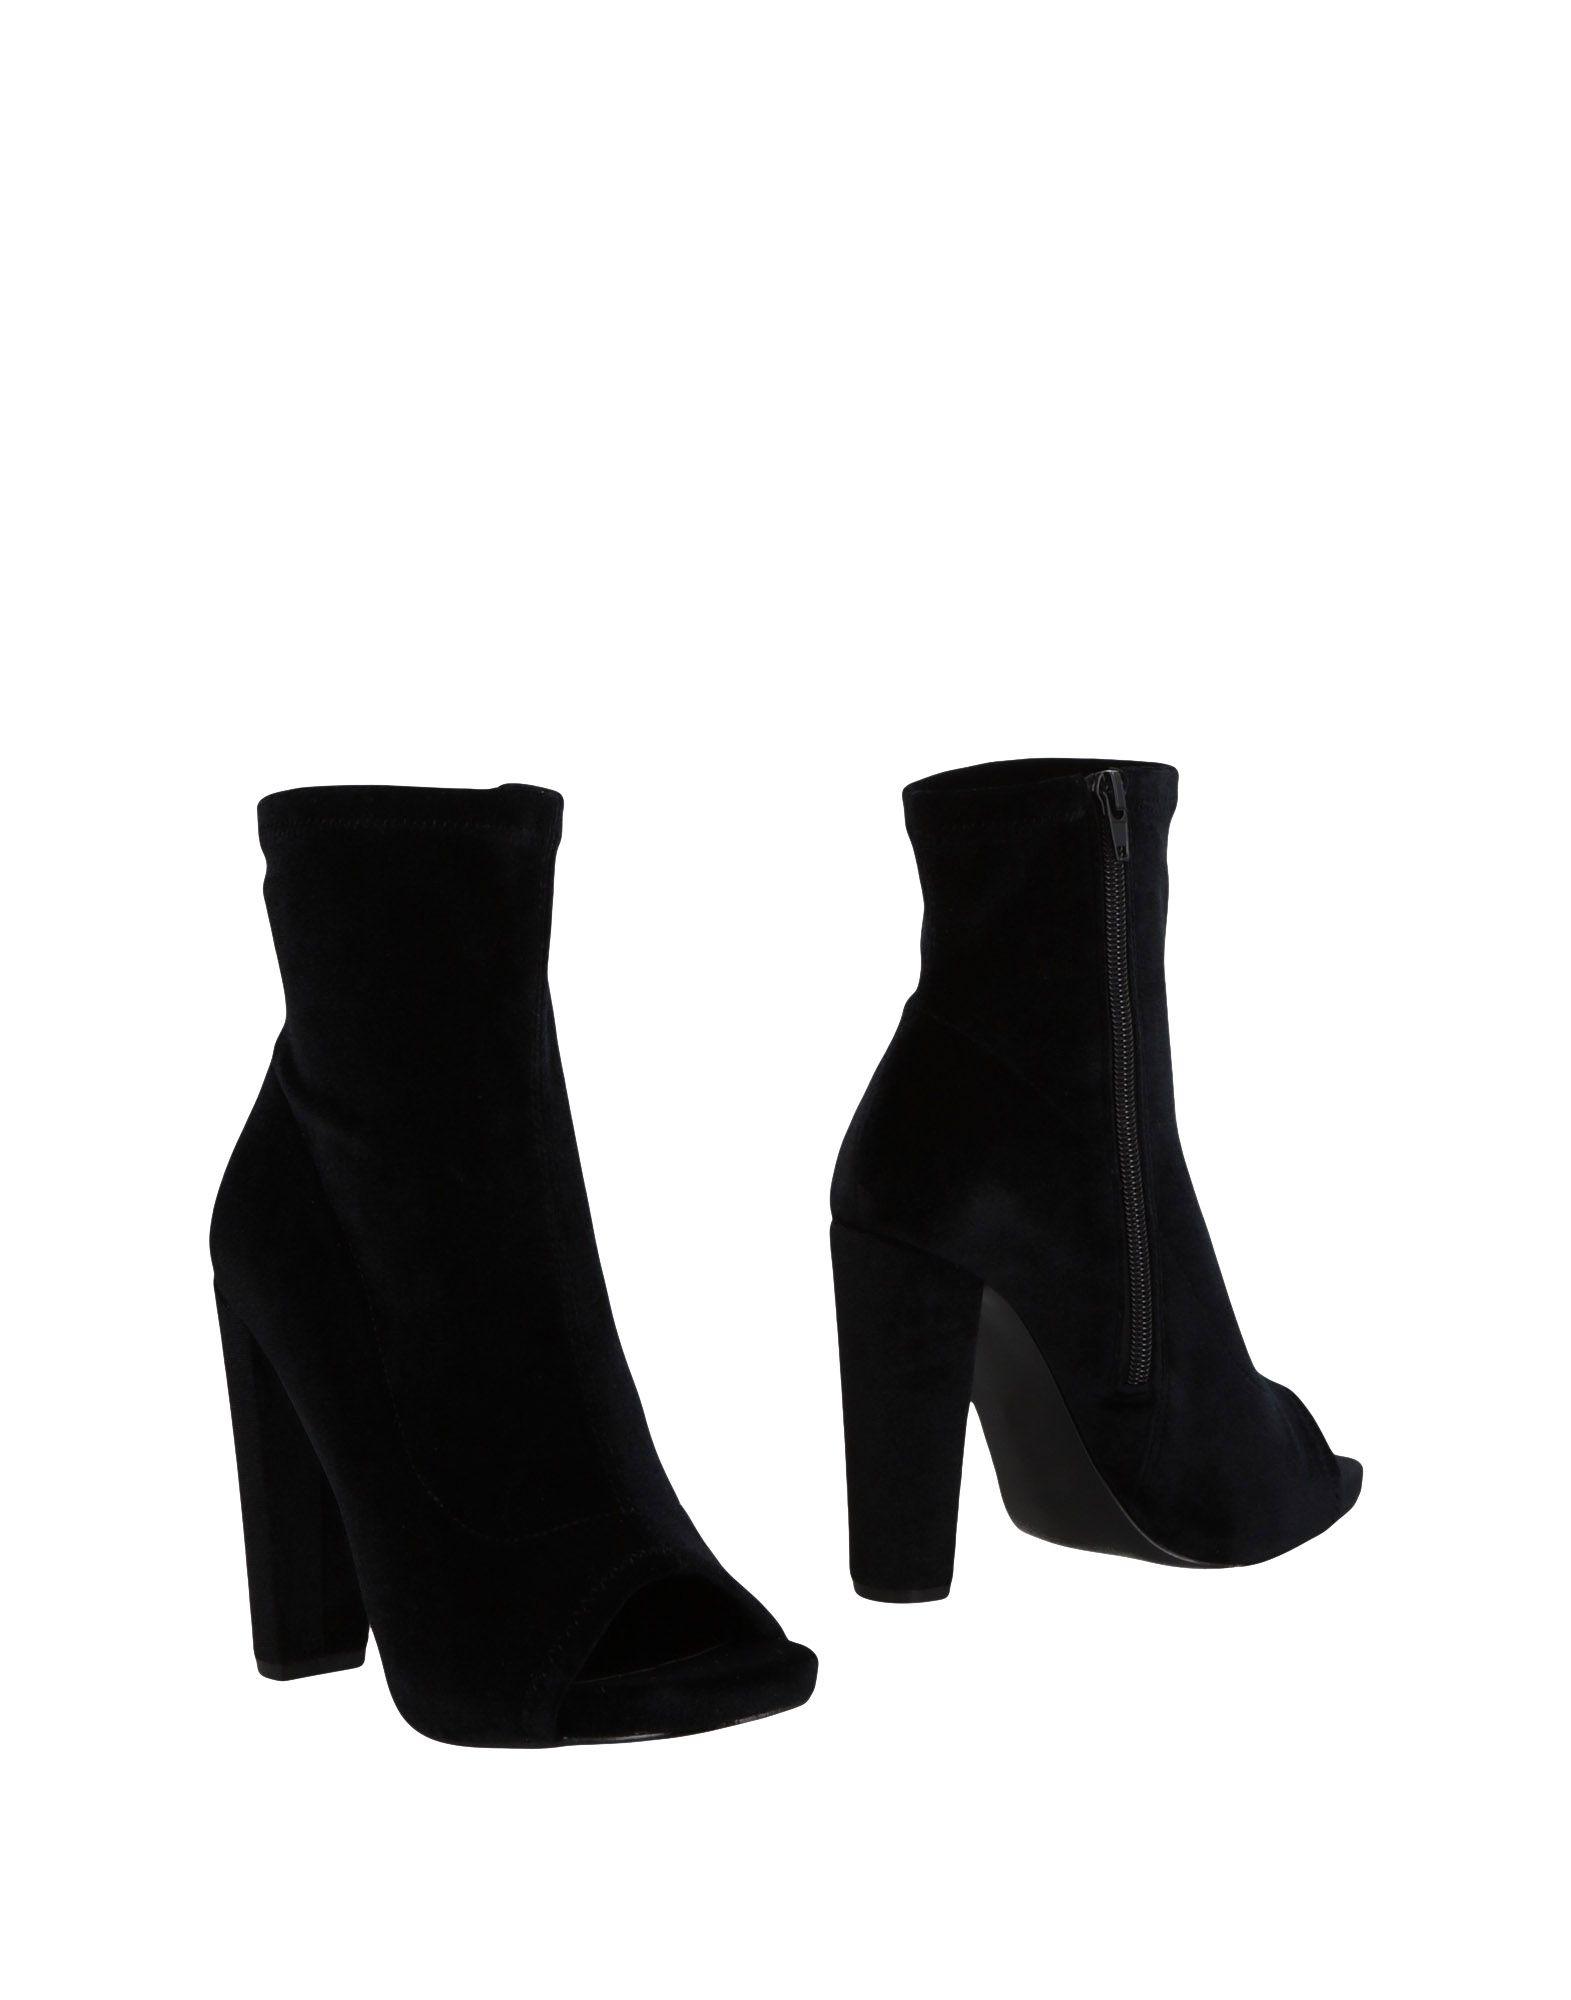 Steve Madden Stiefelette Damen  11495118VS Gute Qualität beliebte Schuhe